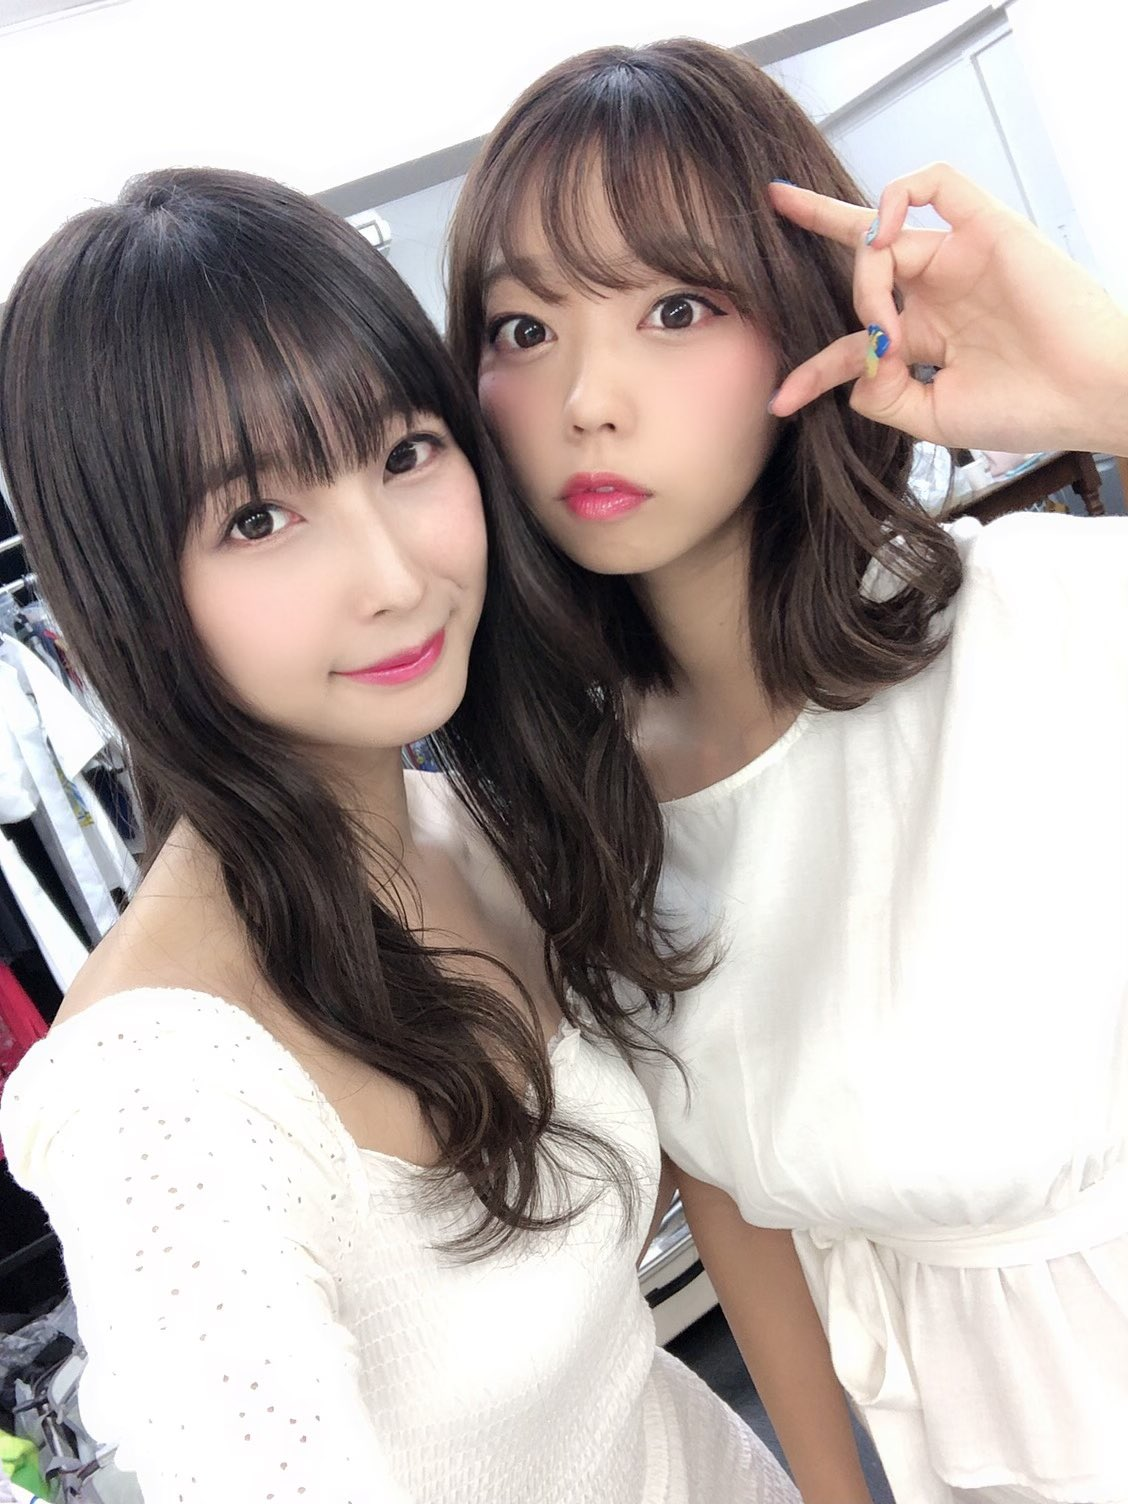 kawasaki__aya 1194112492403855360_p0